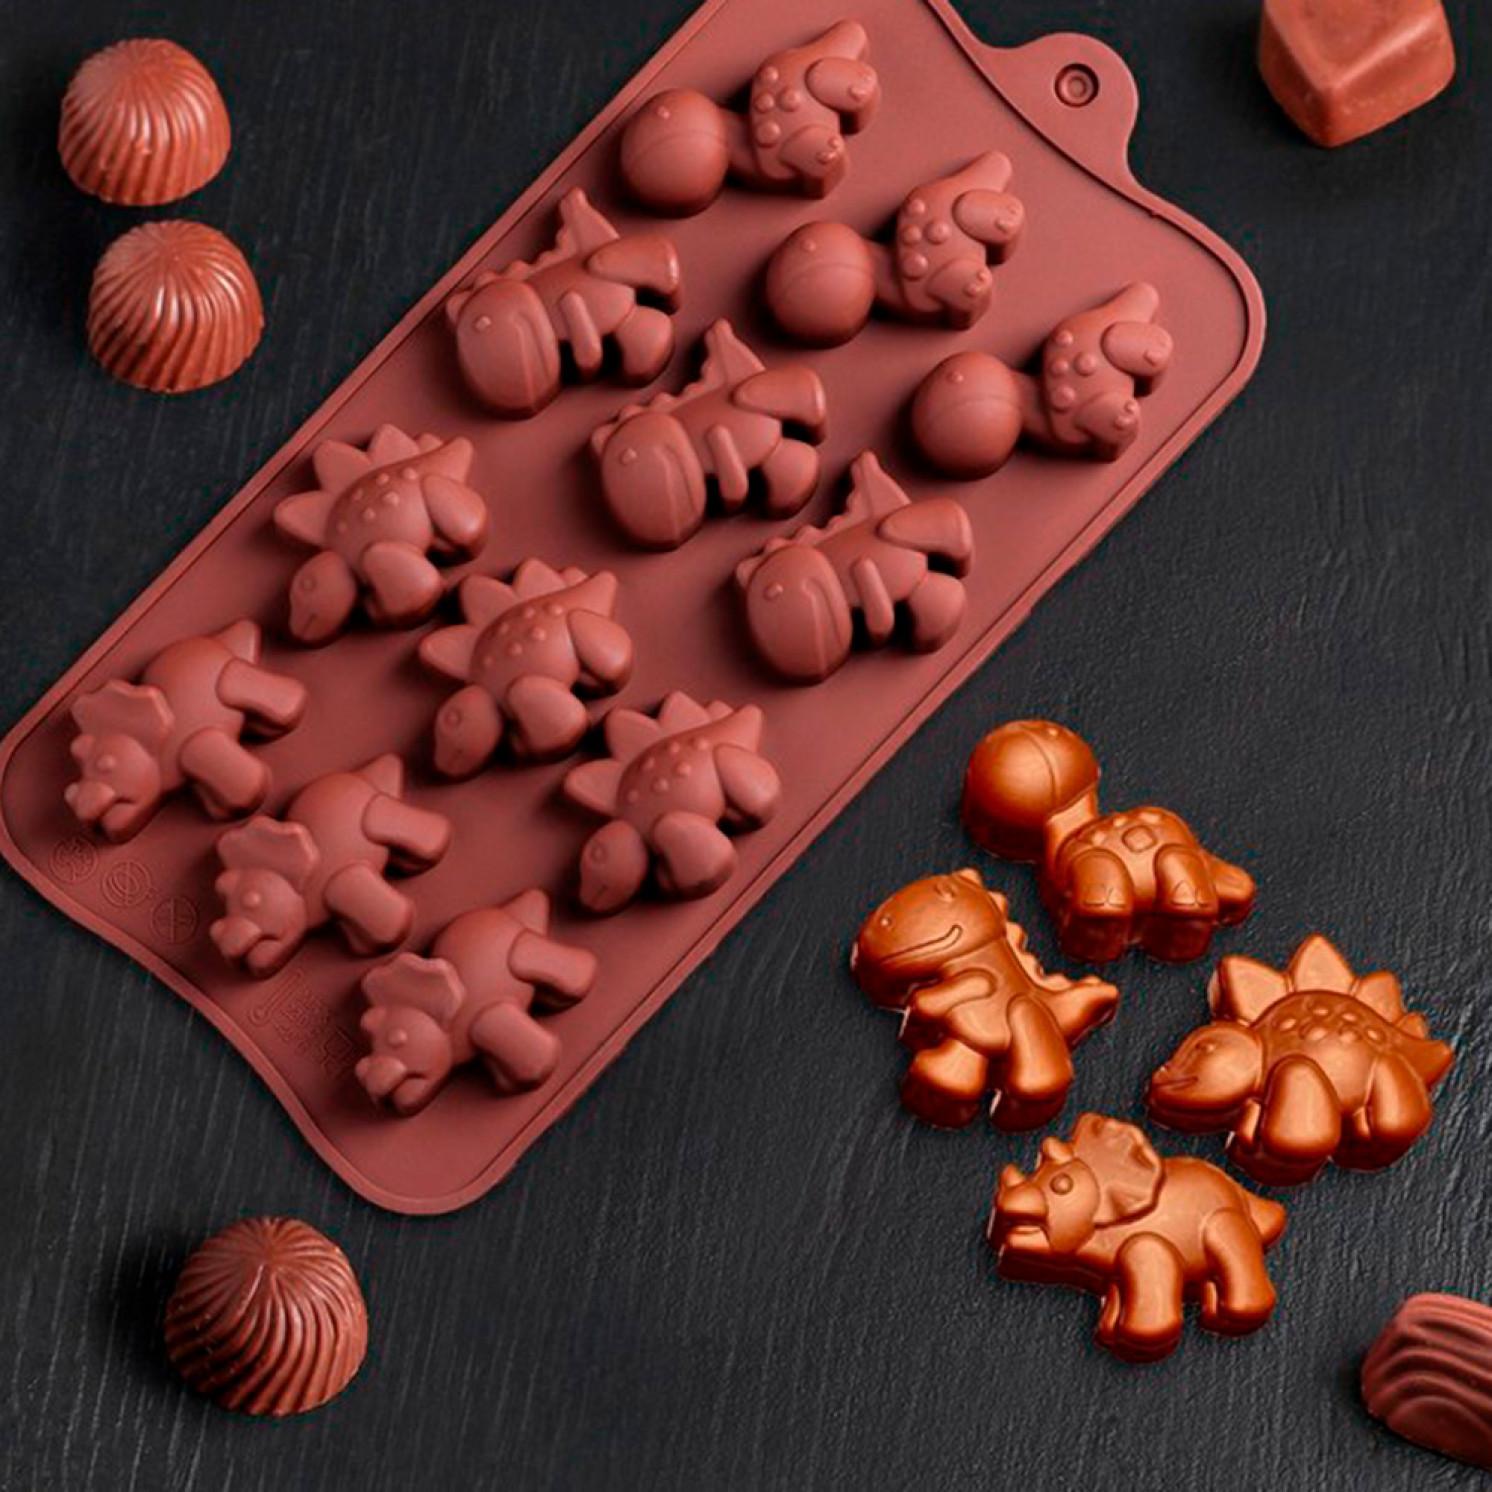 Форма для льда и шоколада «Дино», 12 ячеек (4×2,5×2 см), 21×11 см, цвет шоколадный